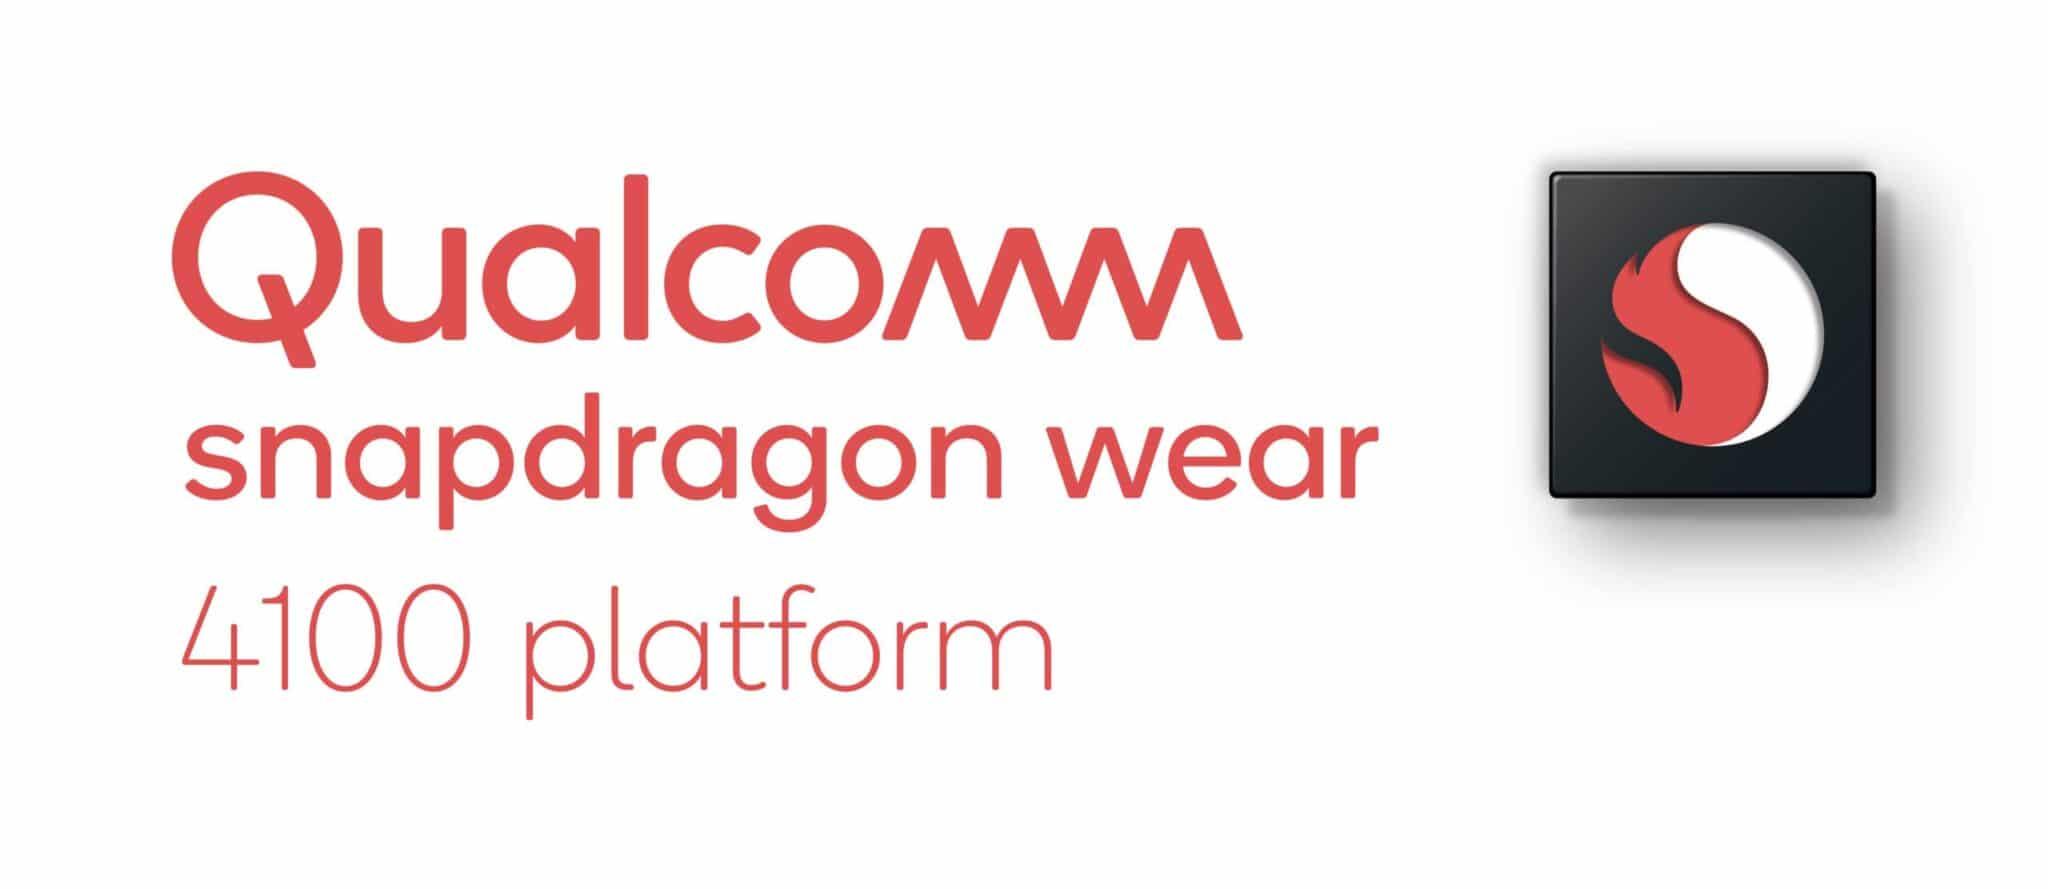 qualcomm-snapdragon-wear-4100